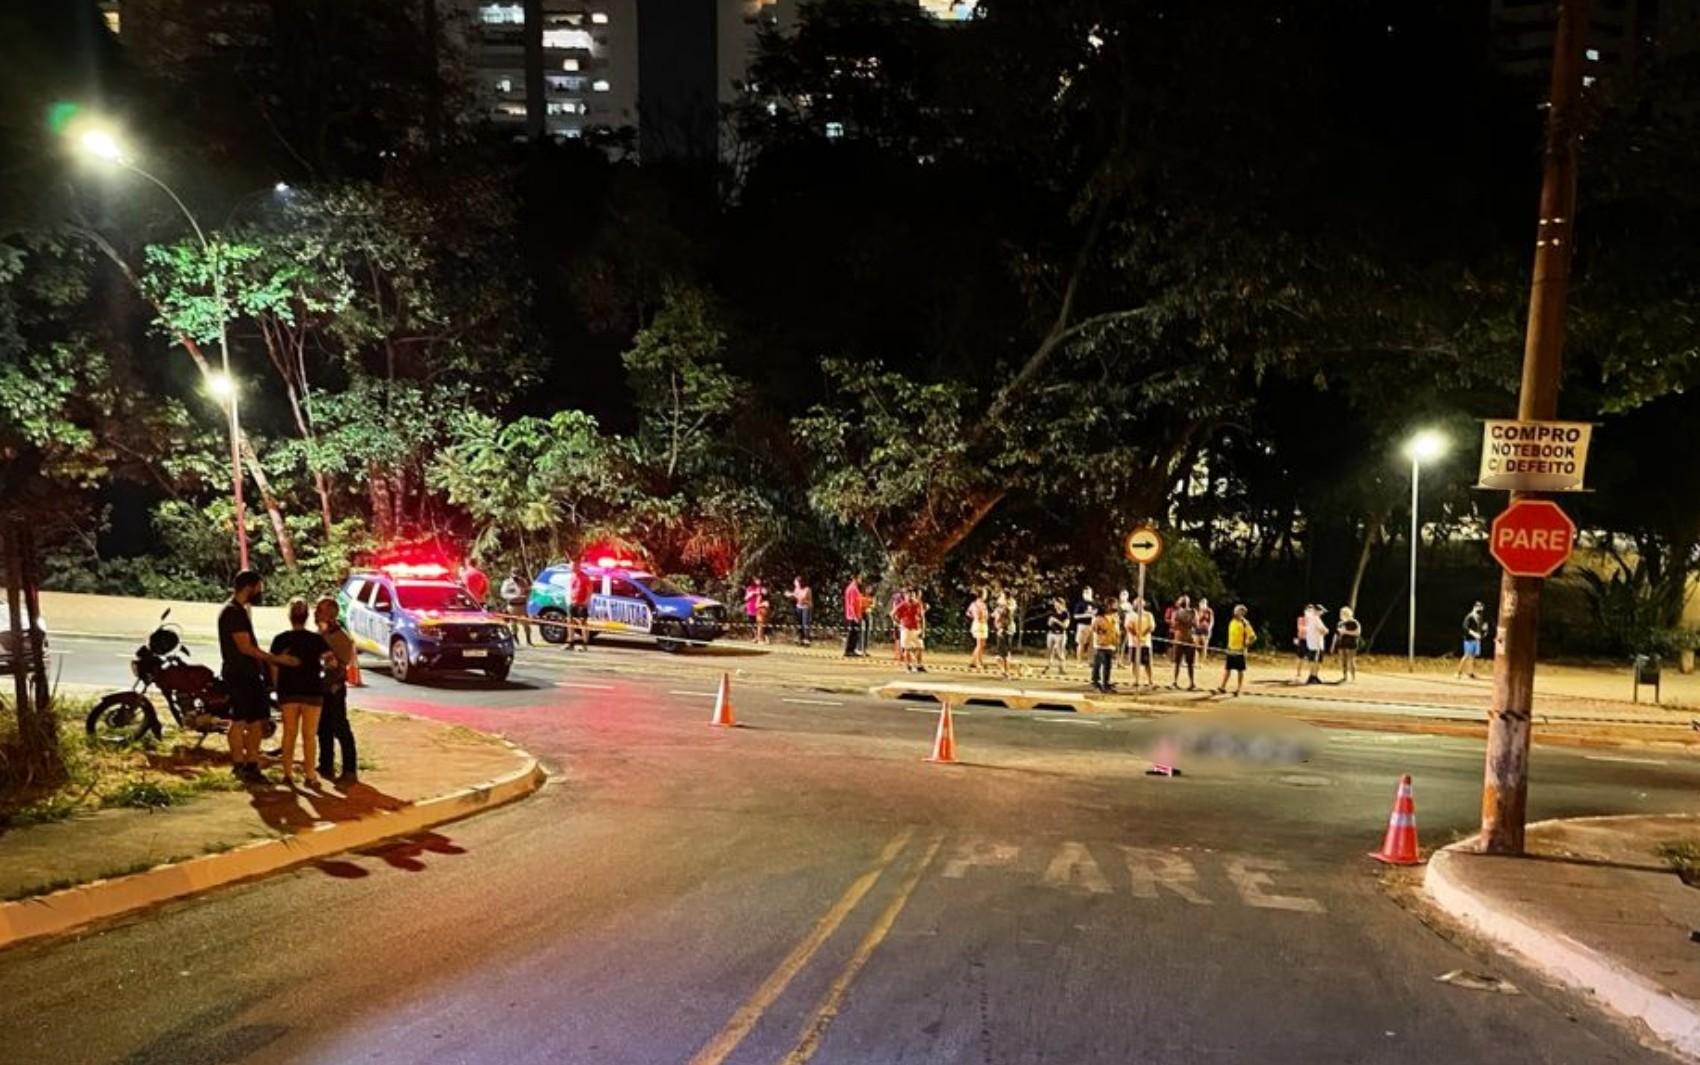 Jovem que andava de patins morre atropelado no Jardim Goiás, em Goiânia